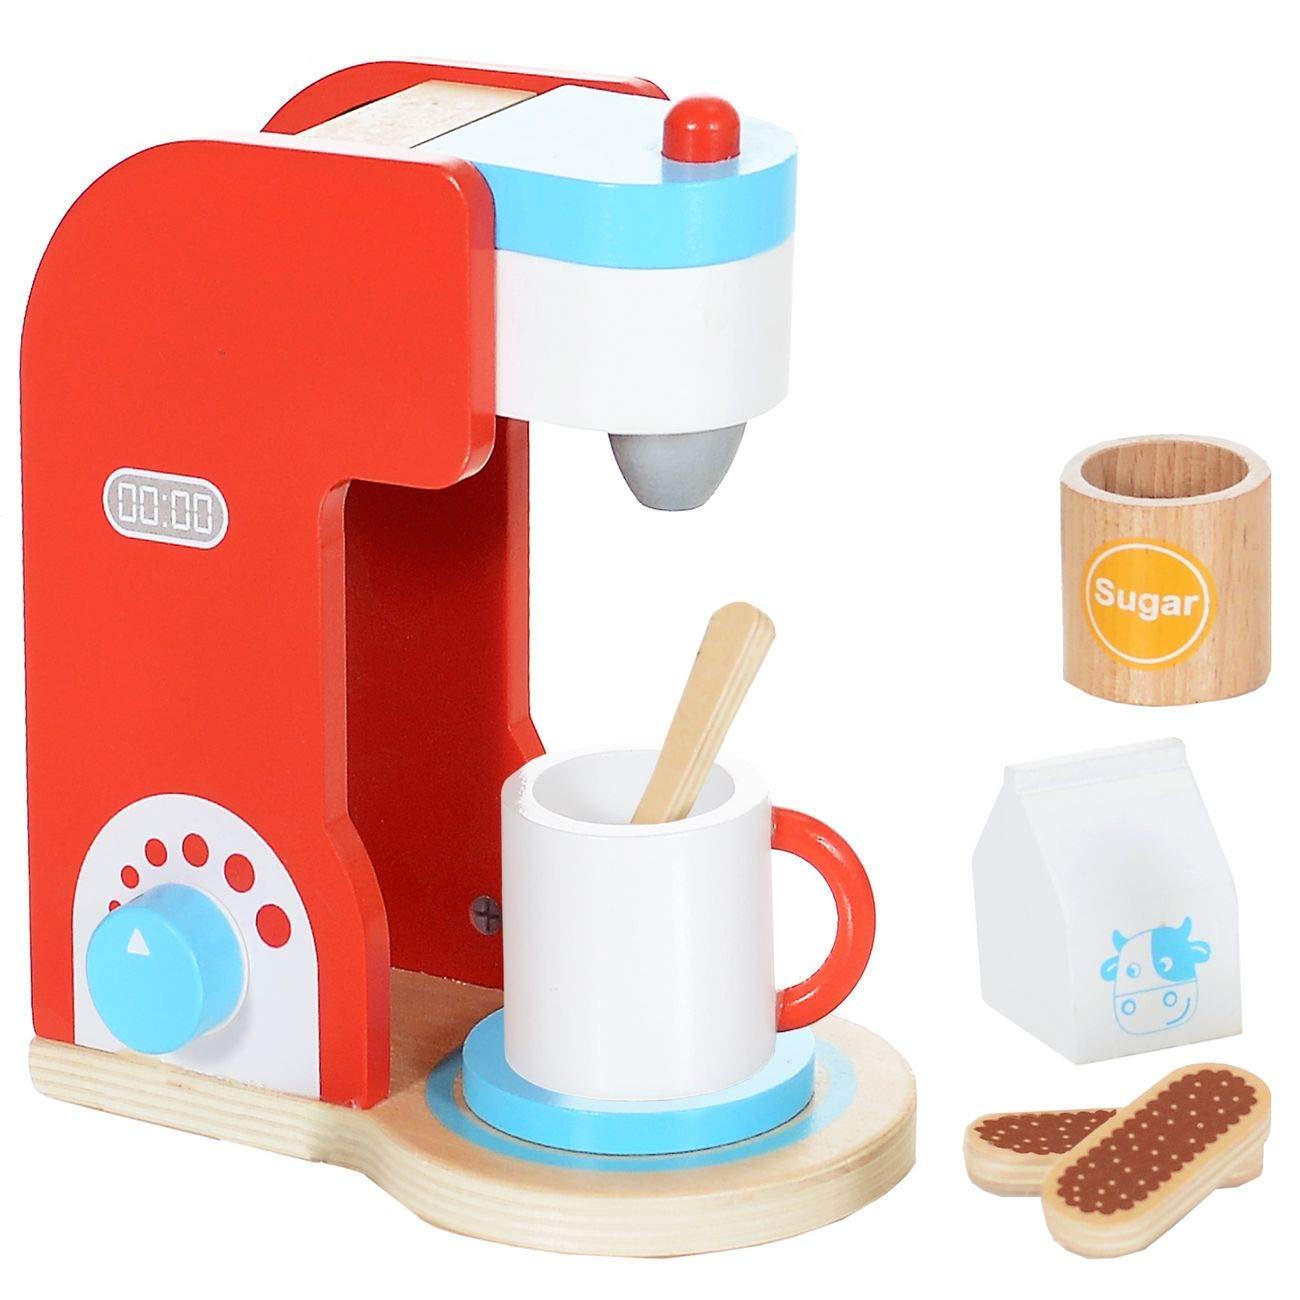 Macchina da caffè Set 8 Pezzi in Legno da Giocattolo per Bambini ...